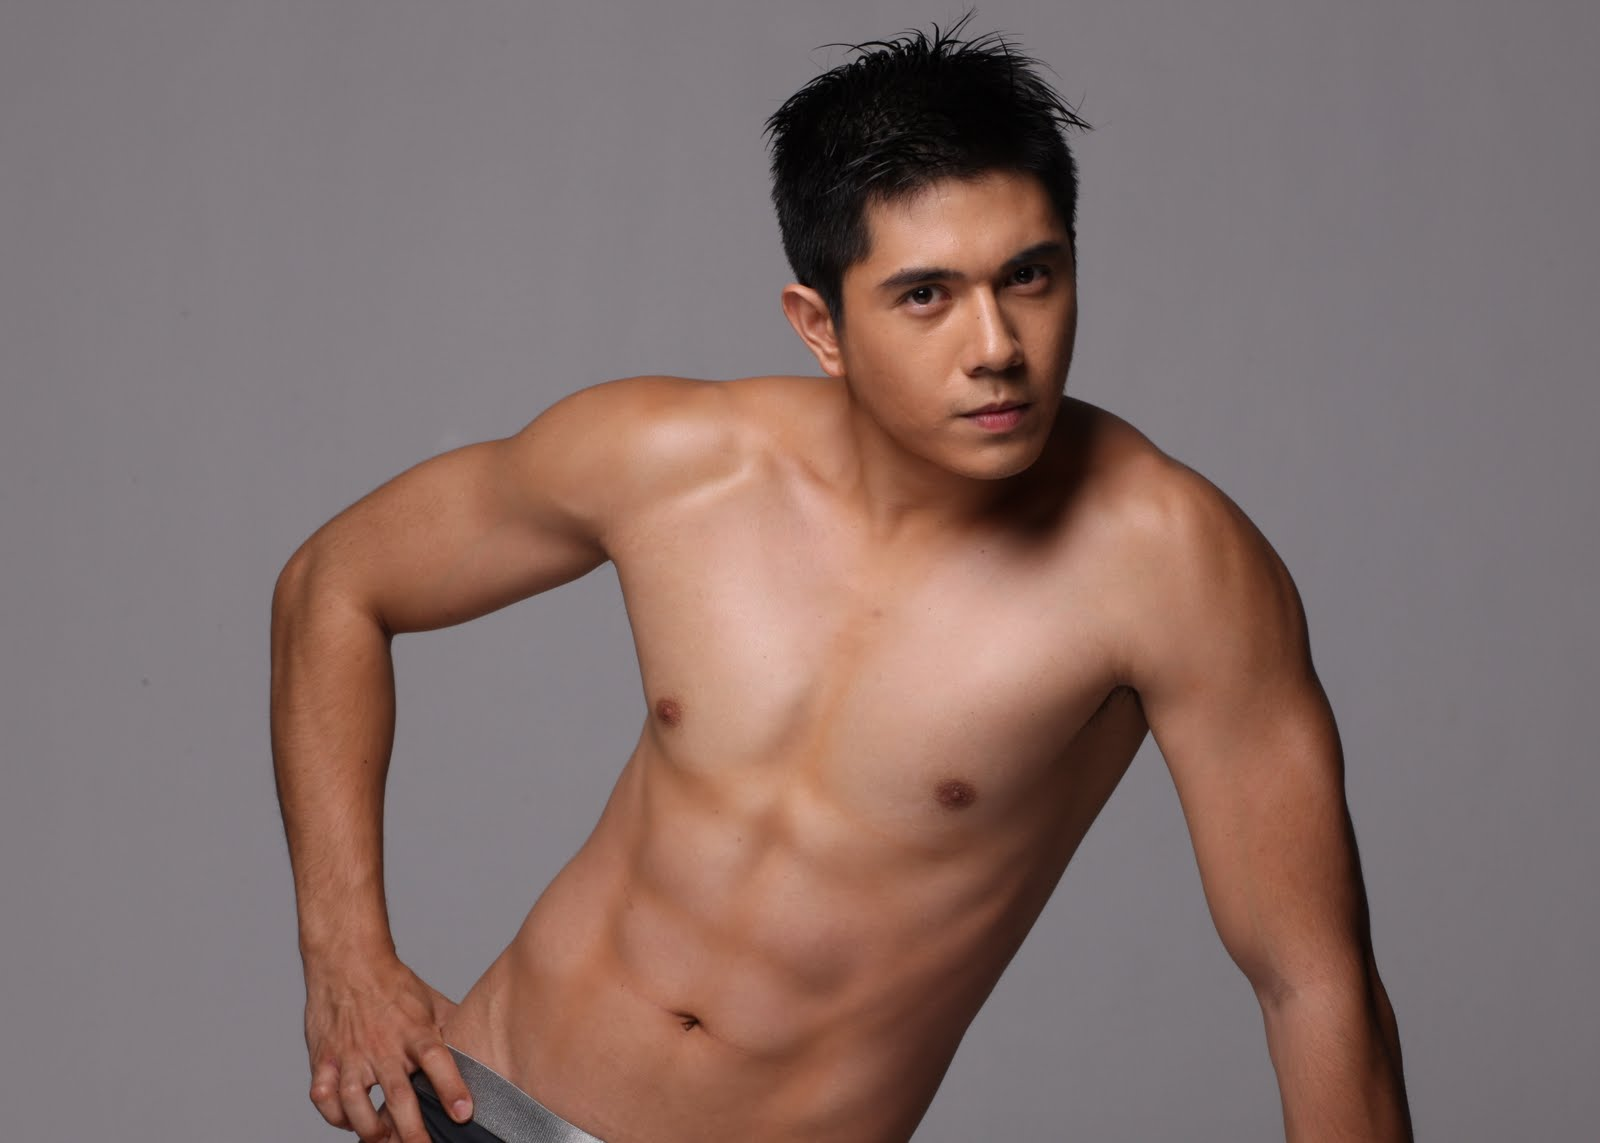 Pinoy nudephotos Nude Photos 35